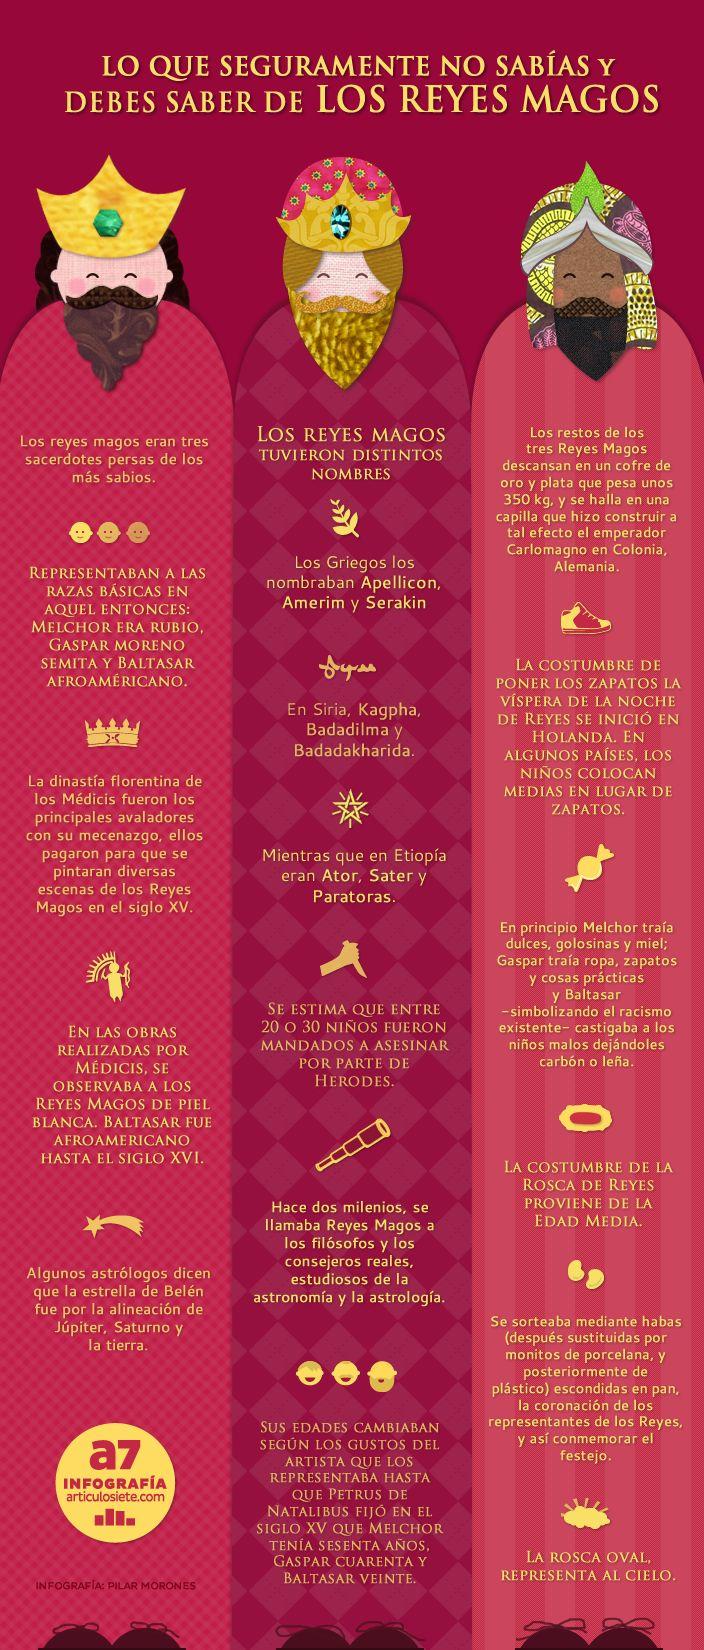 Graphic- Los Reyes Magos